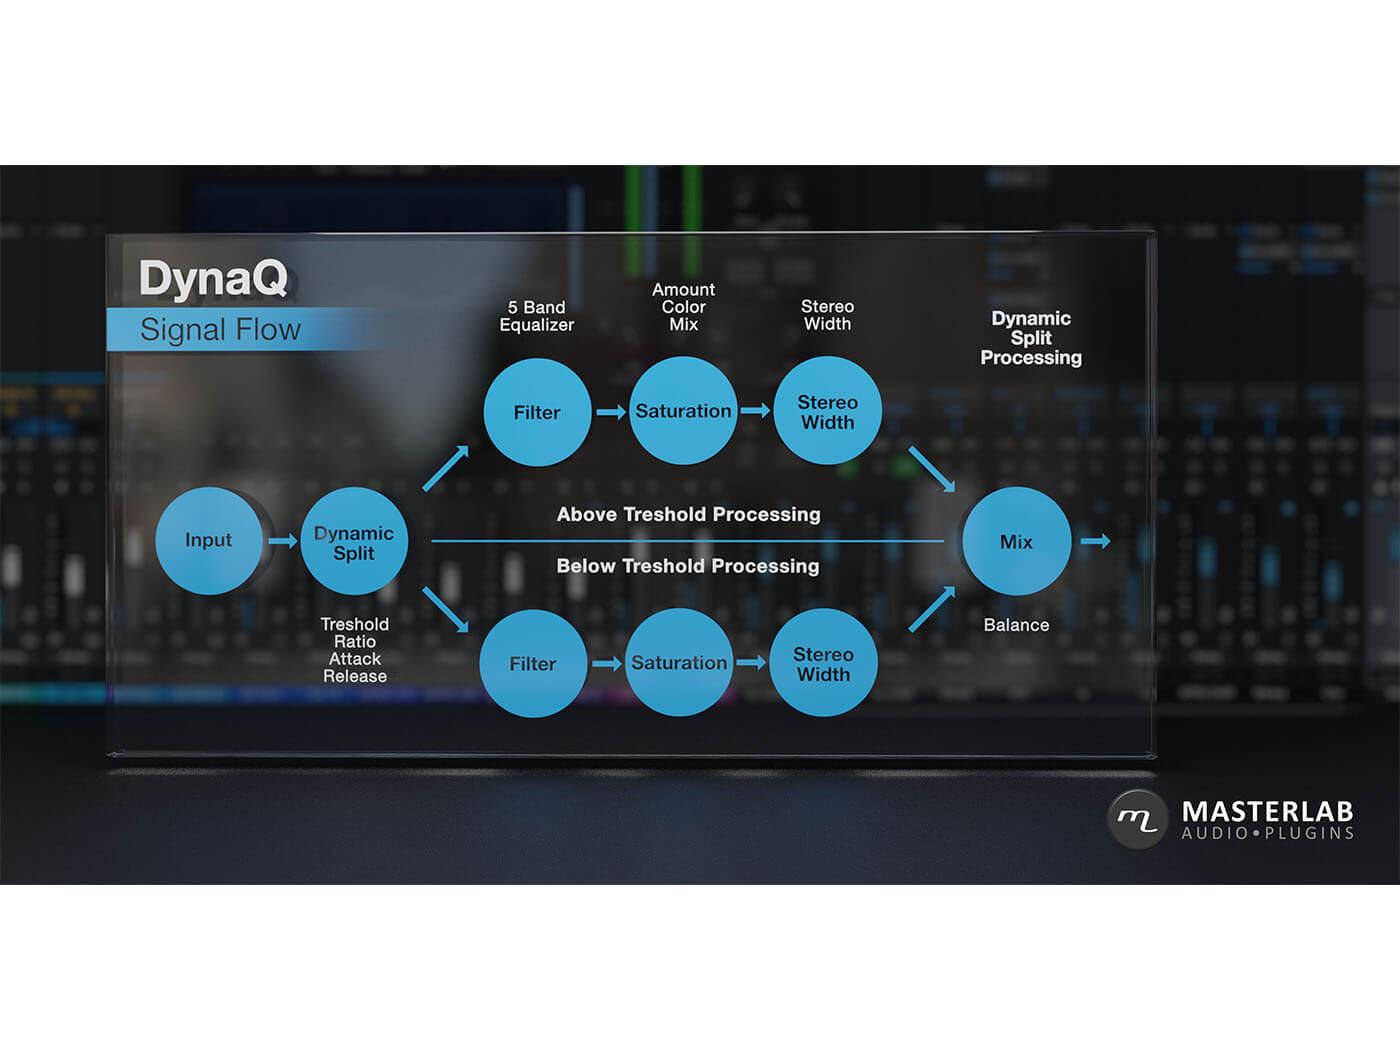 DynaQ Flow Chart